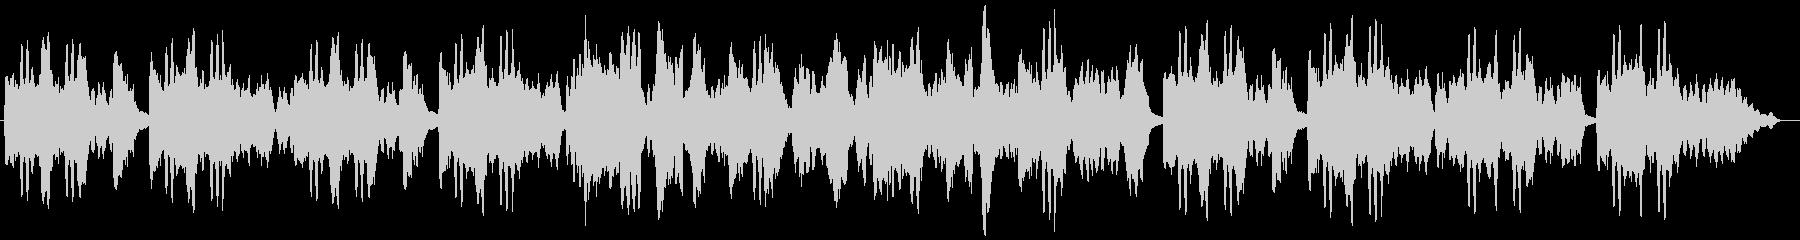 Flute Pf シンプル 田舎感の未再生の波形